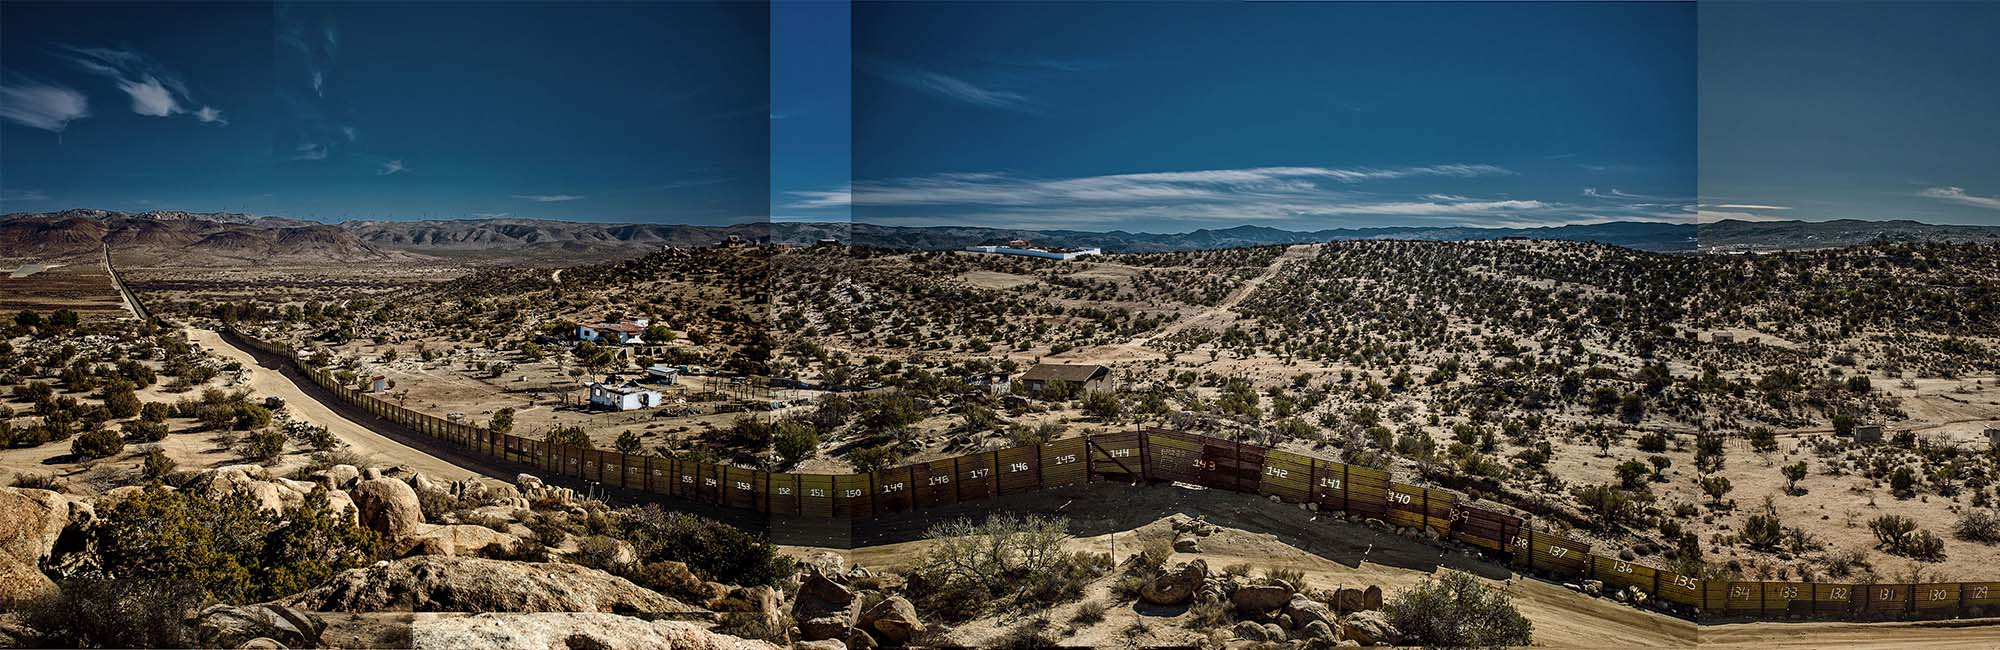 DSIT_Lightline_Mexican_Border_Fiber_optic_sensing